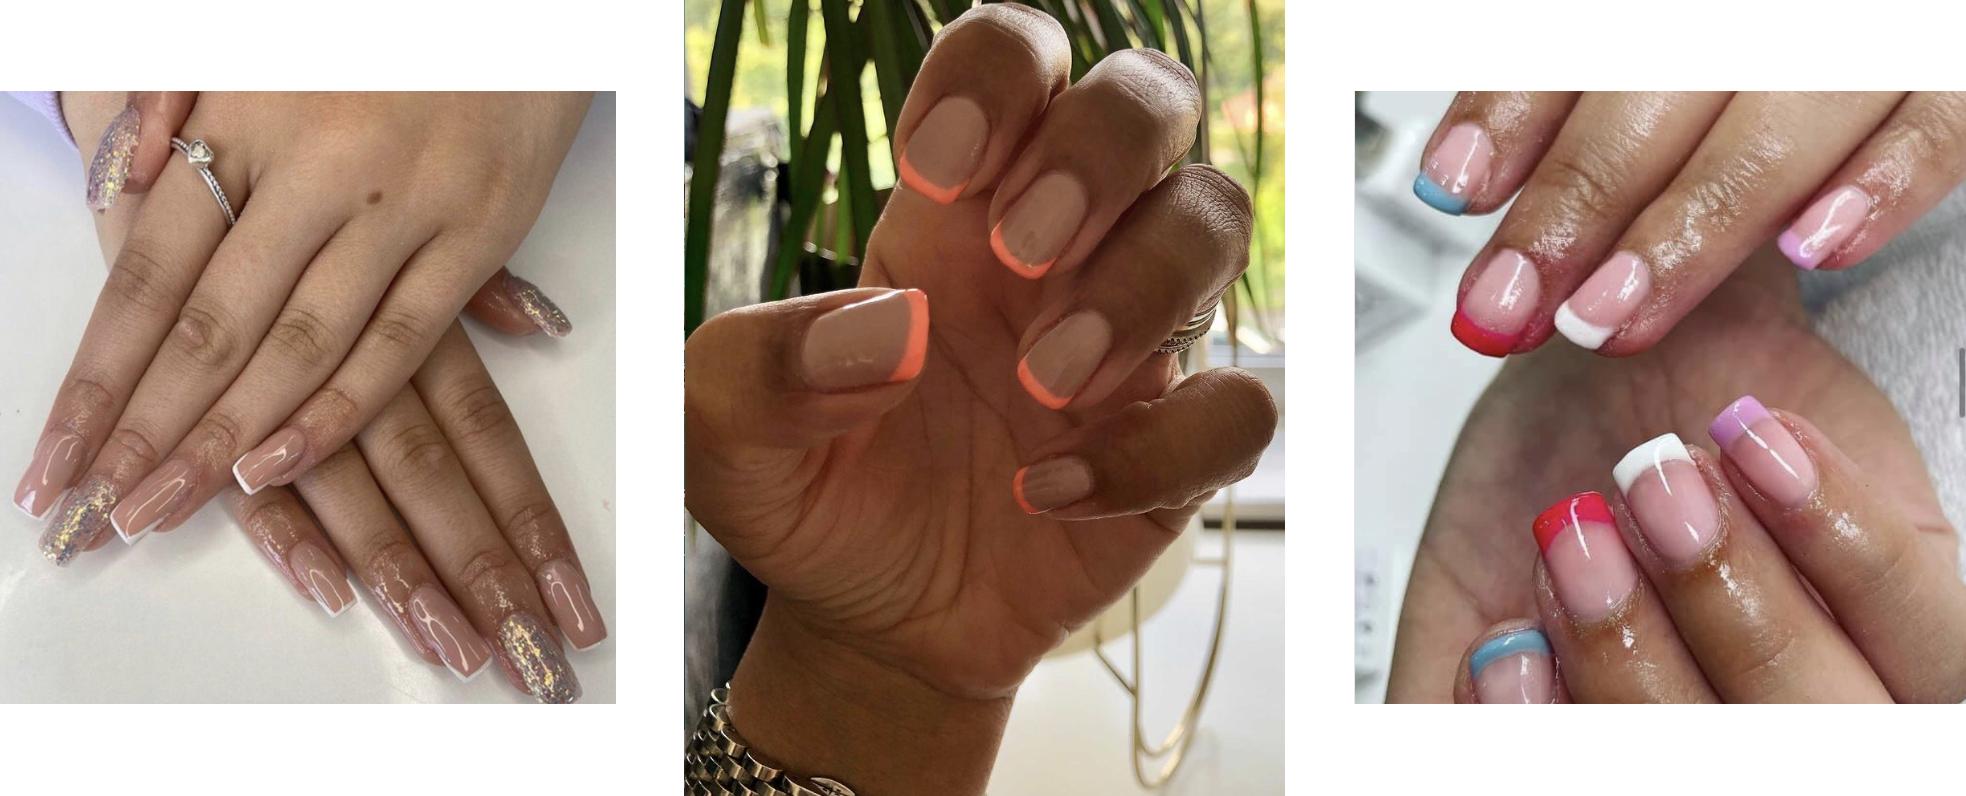 Summer 2021 nail trends at Saks